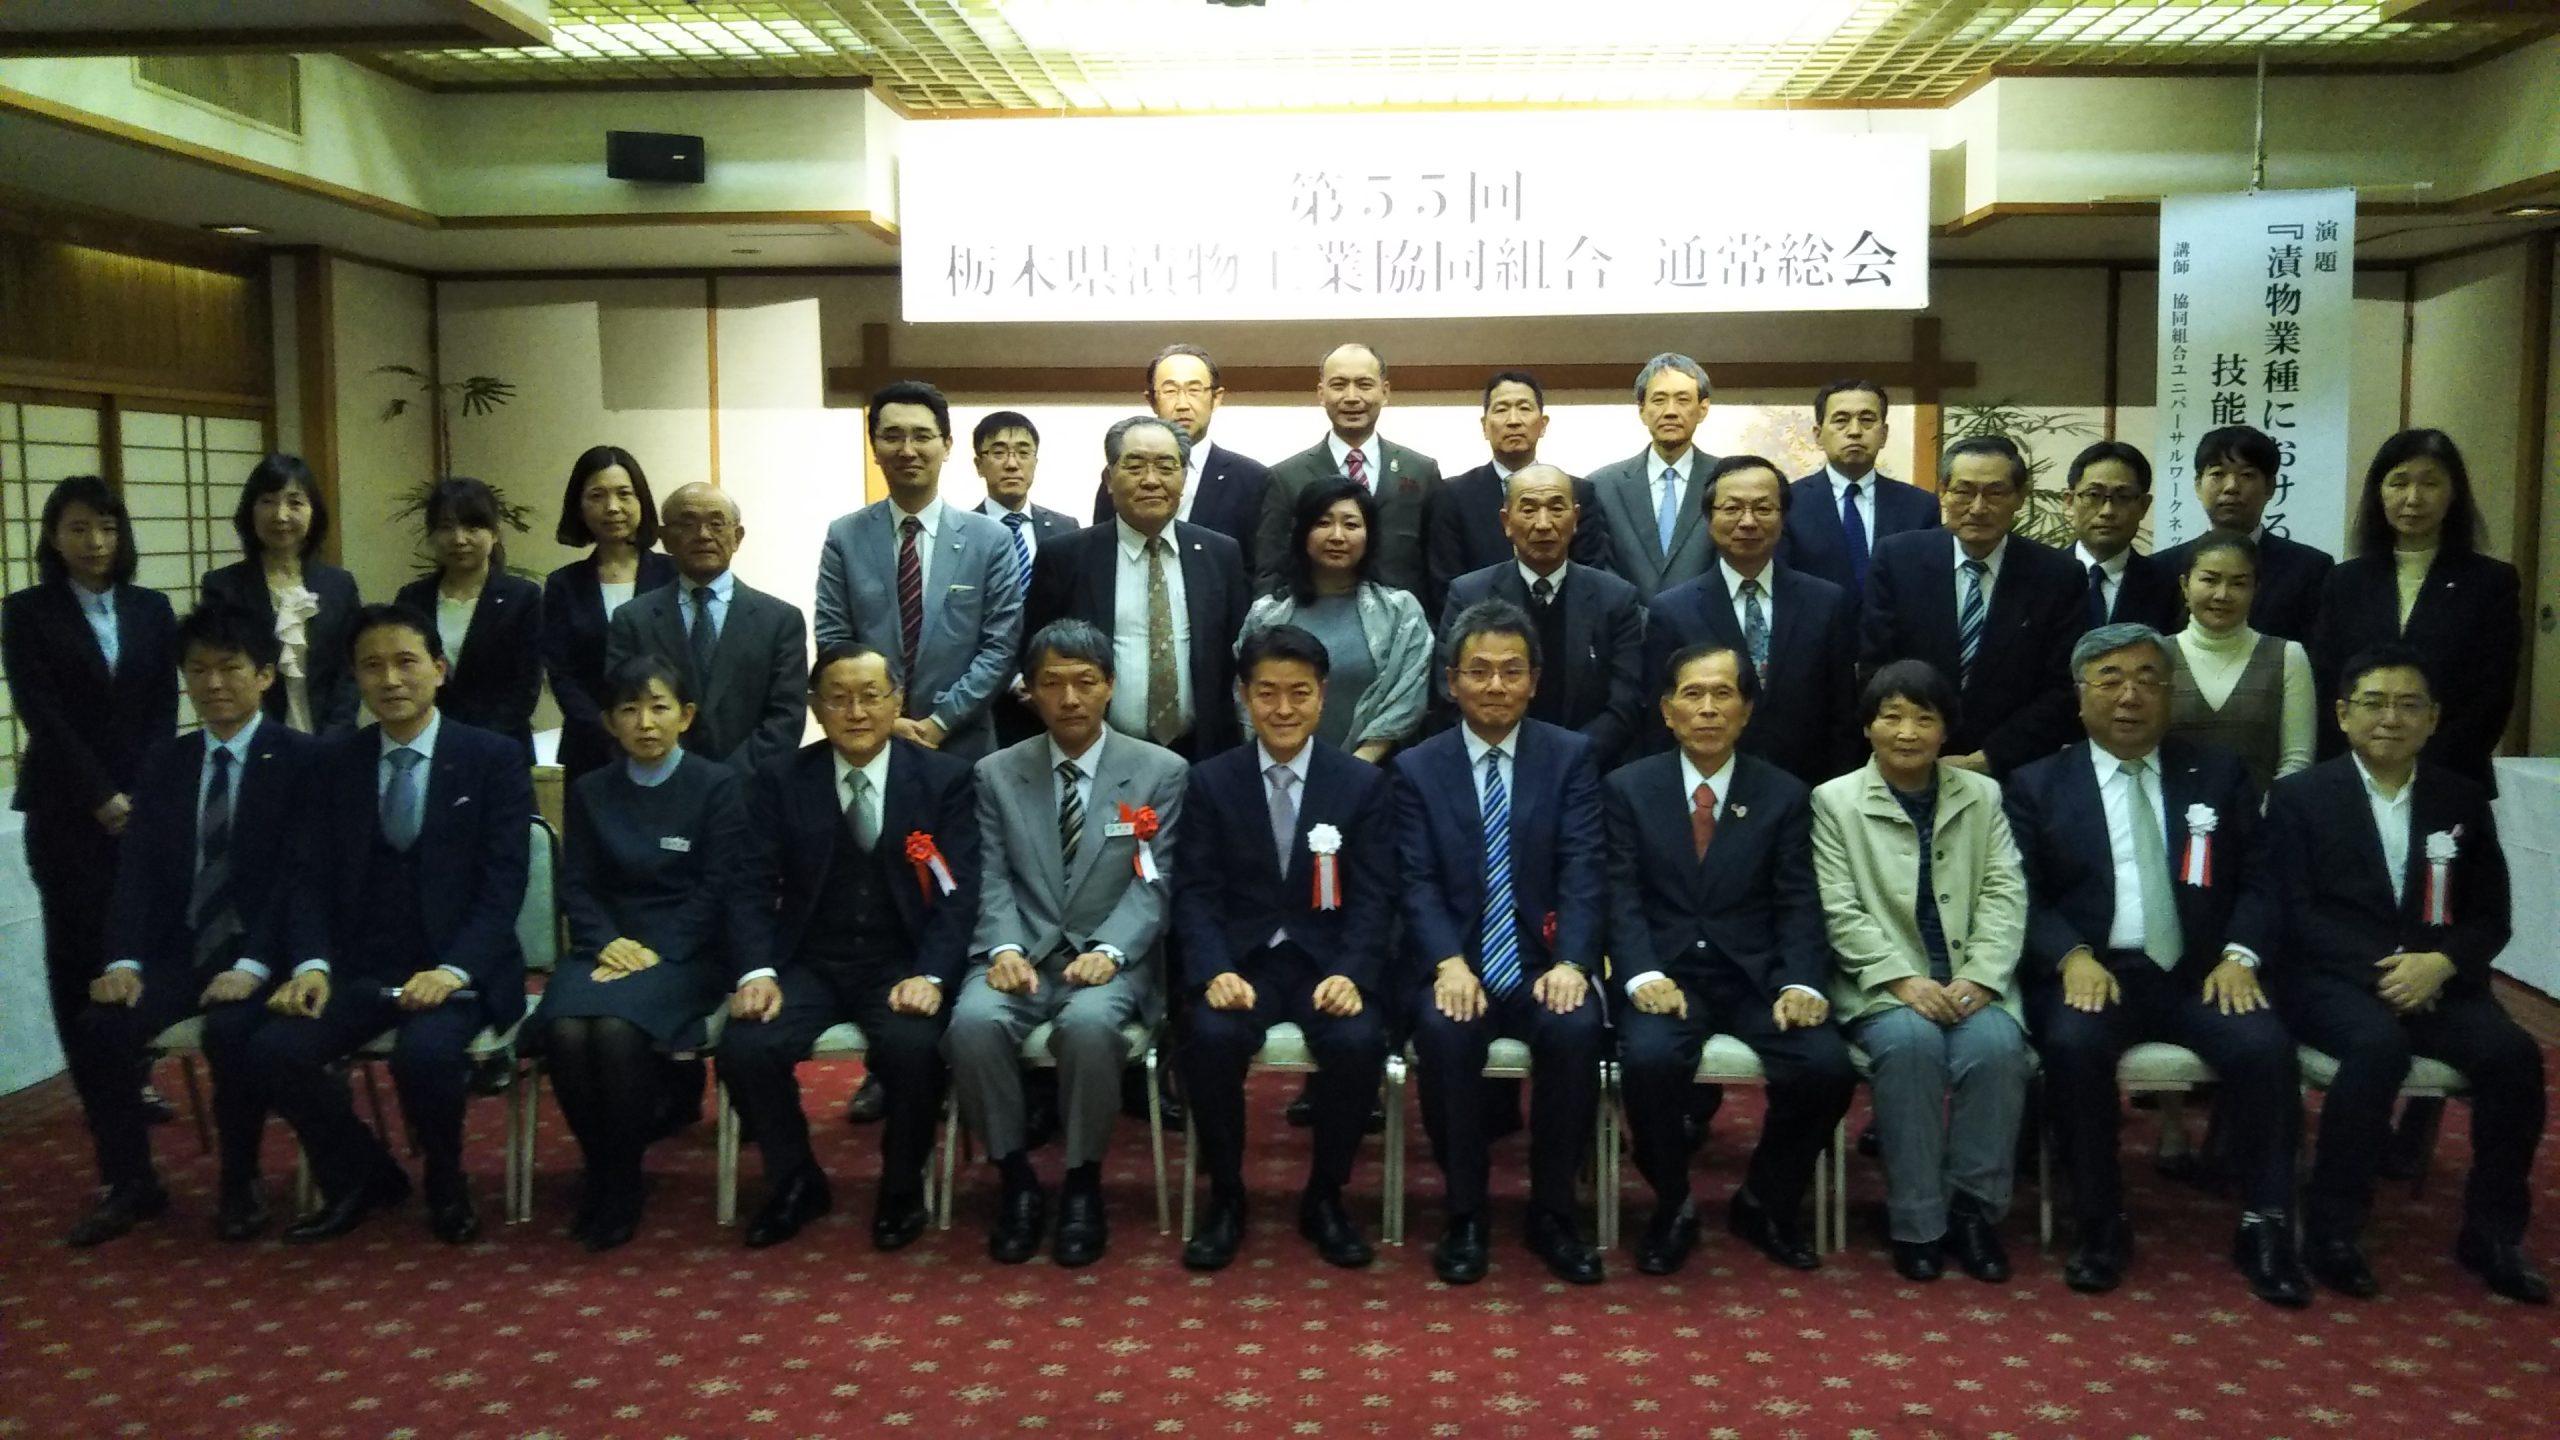 栃木県漬物工業協同組合